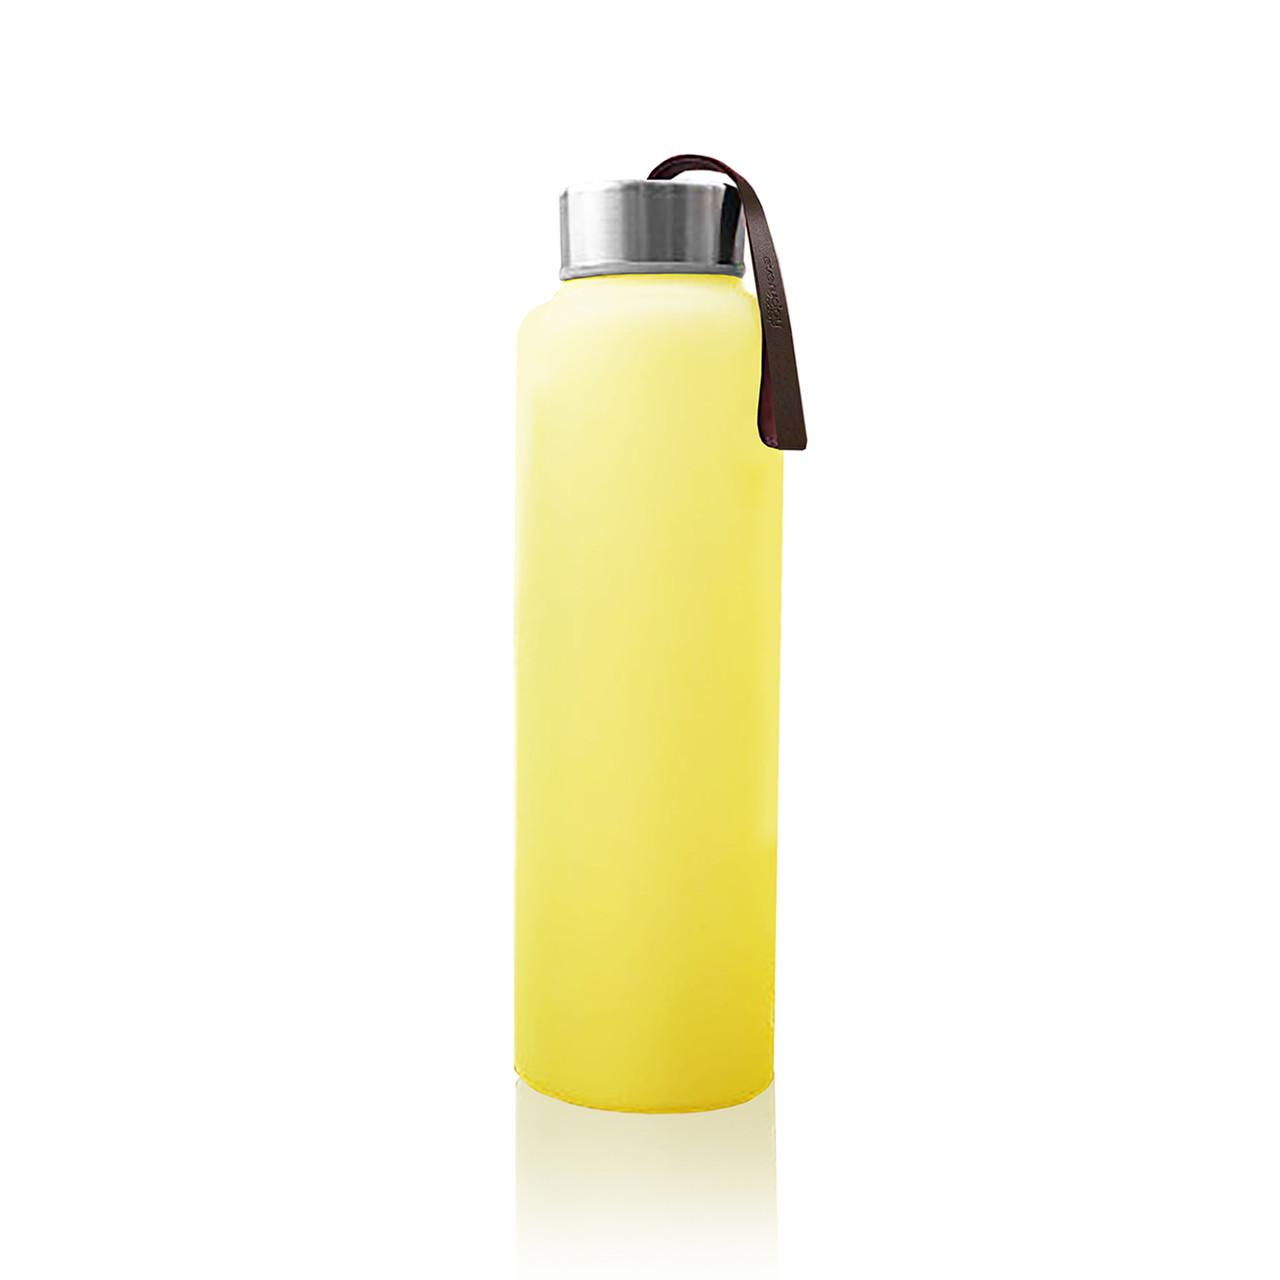 Стеклянная бутылка для воды с силиконовой защитой Everyday Baby 400мл. Цвет желтый